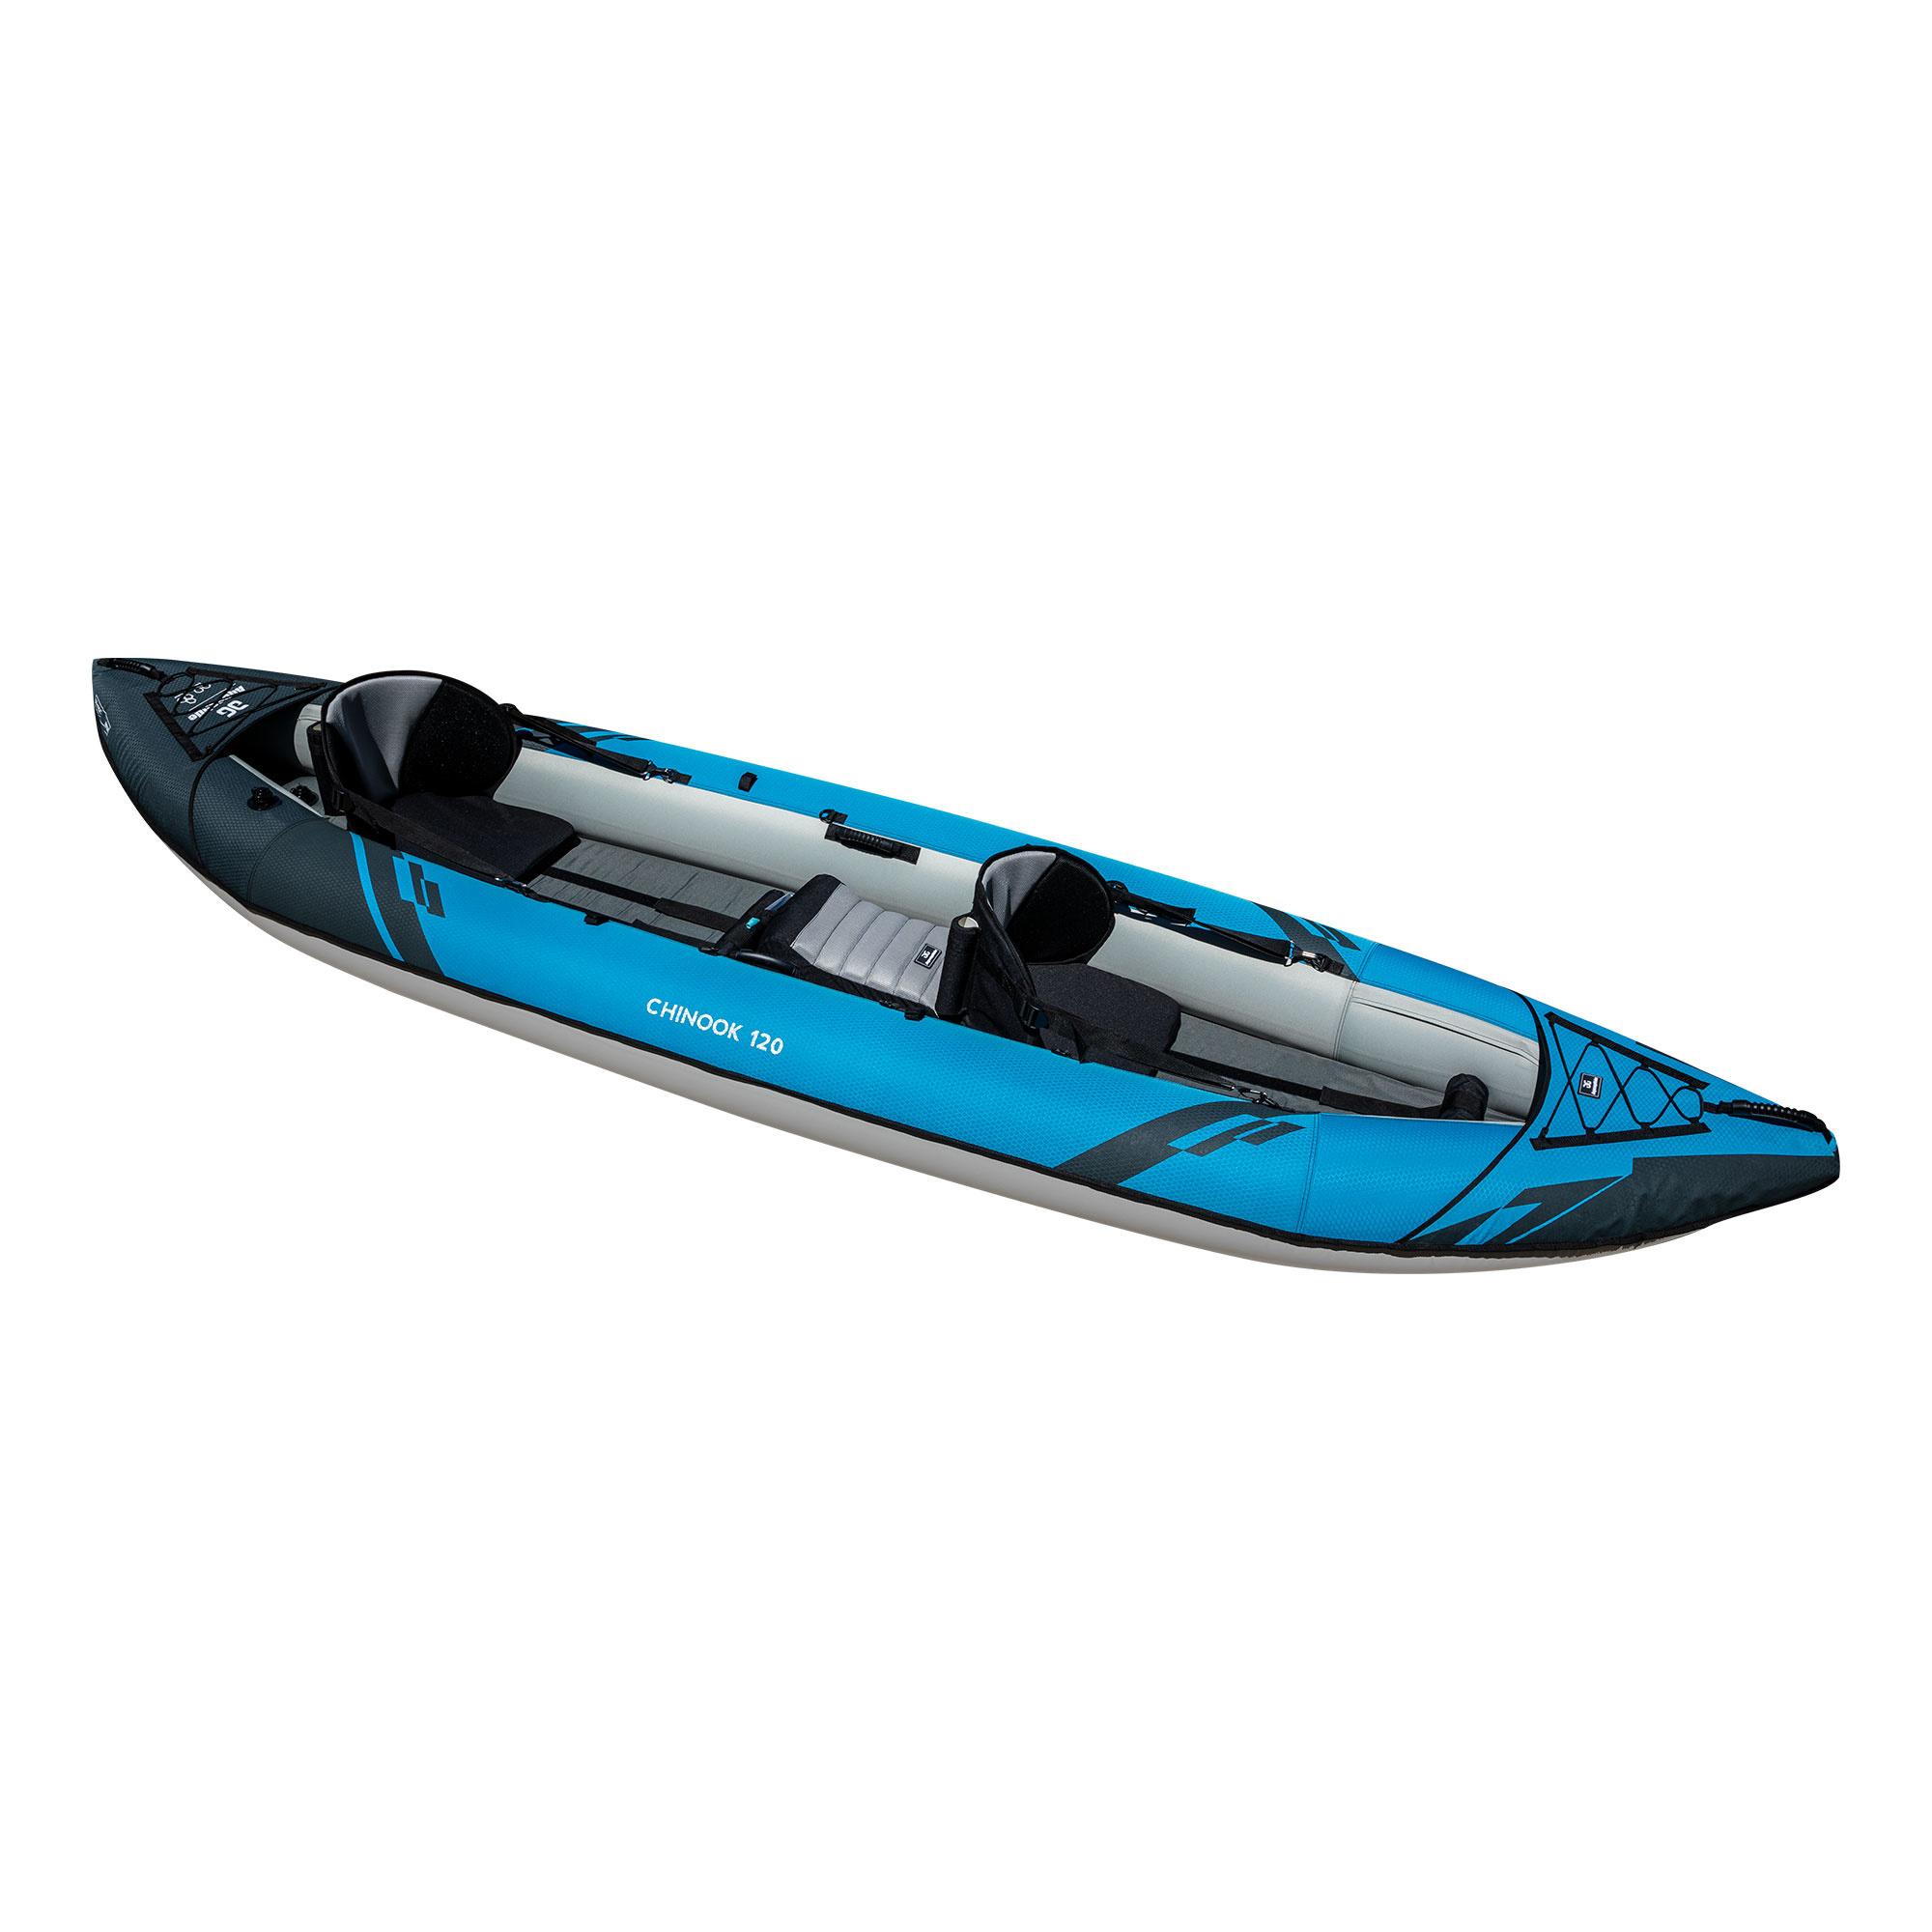 Chinook 120 - Inflatable Kayak